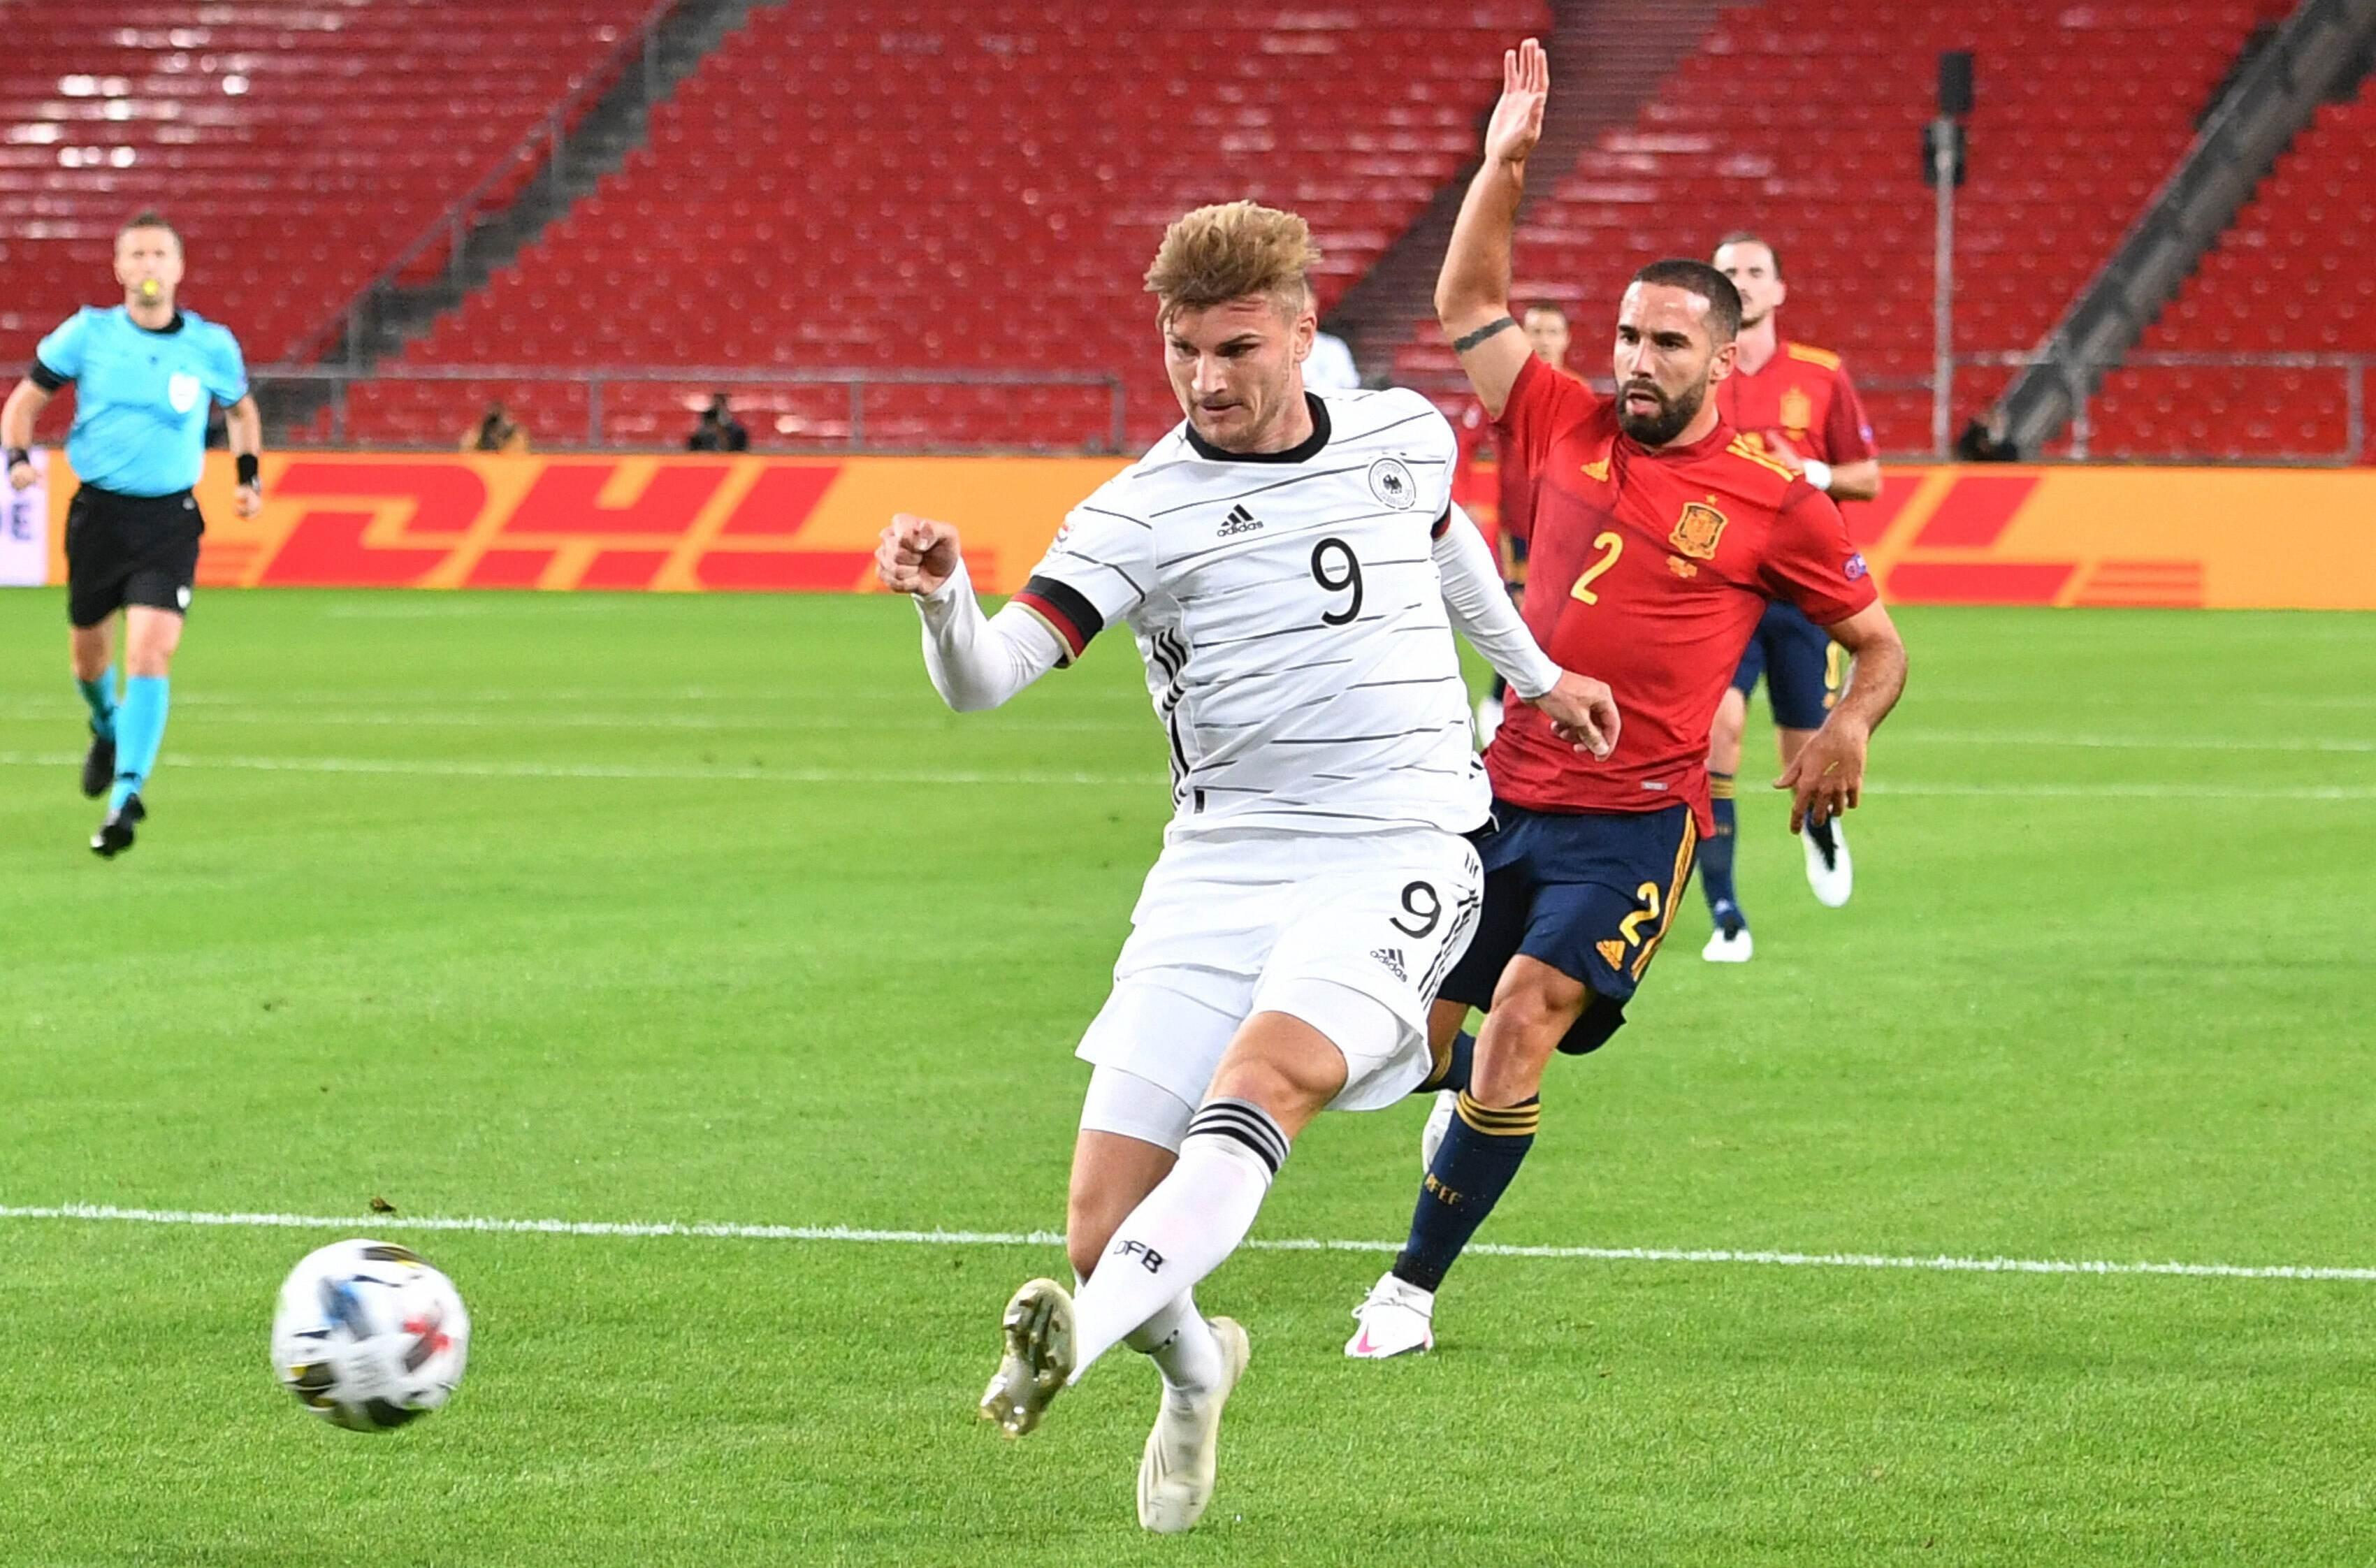 تعادل منتخبا ألمانيا وإسبانيا 1-1 في مباراتهما الأولى